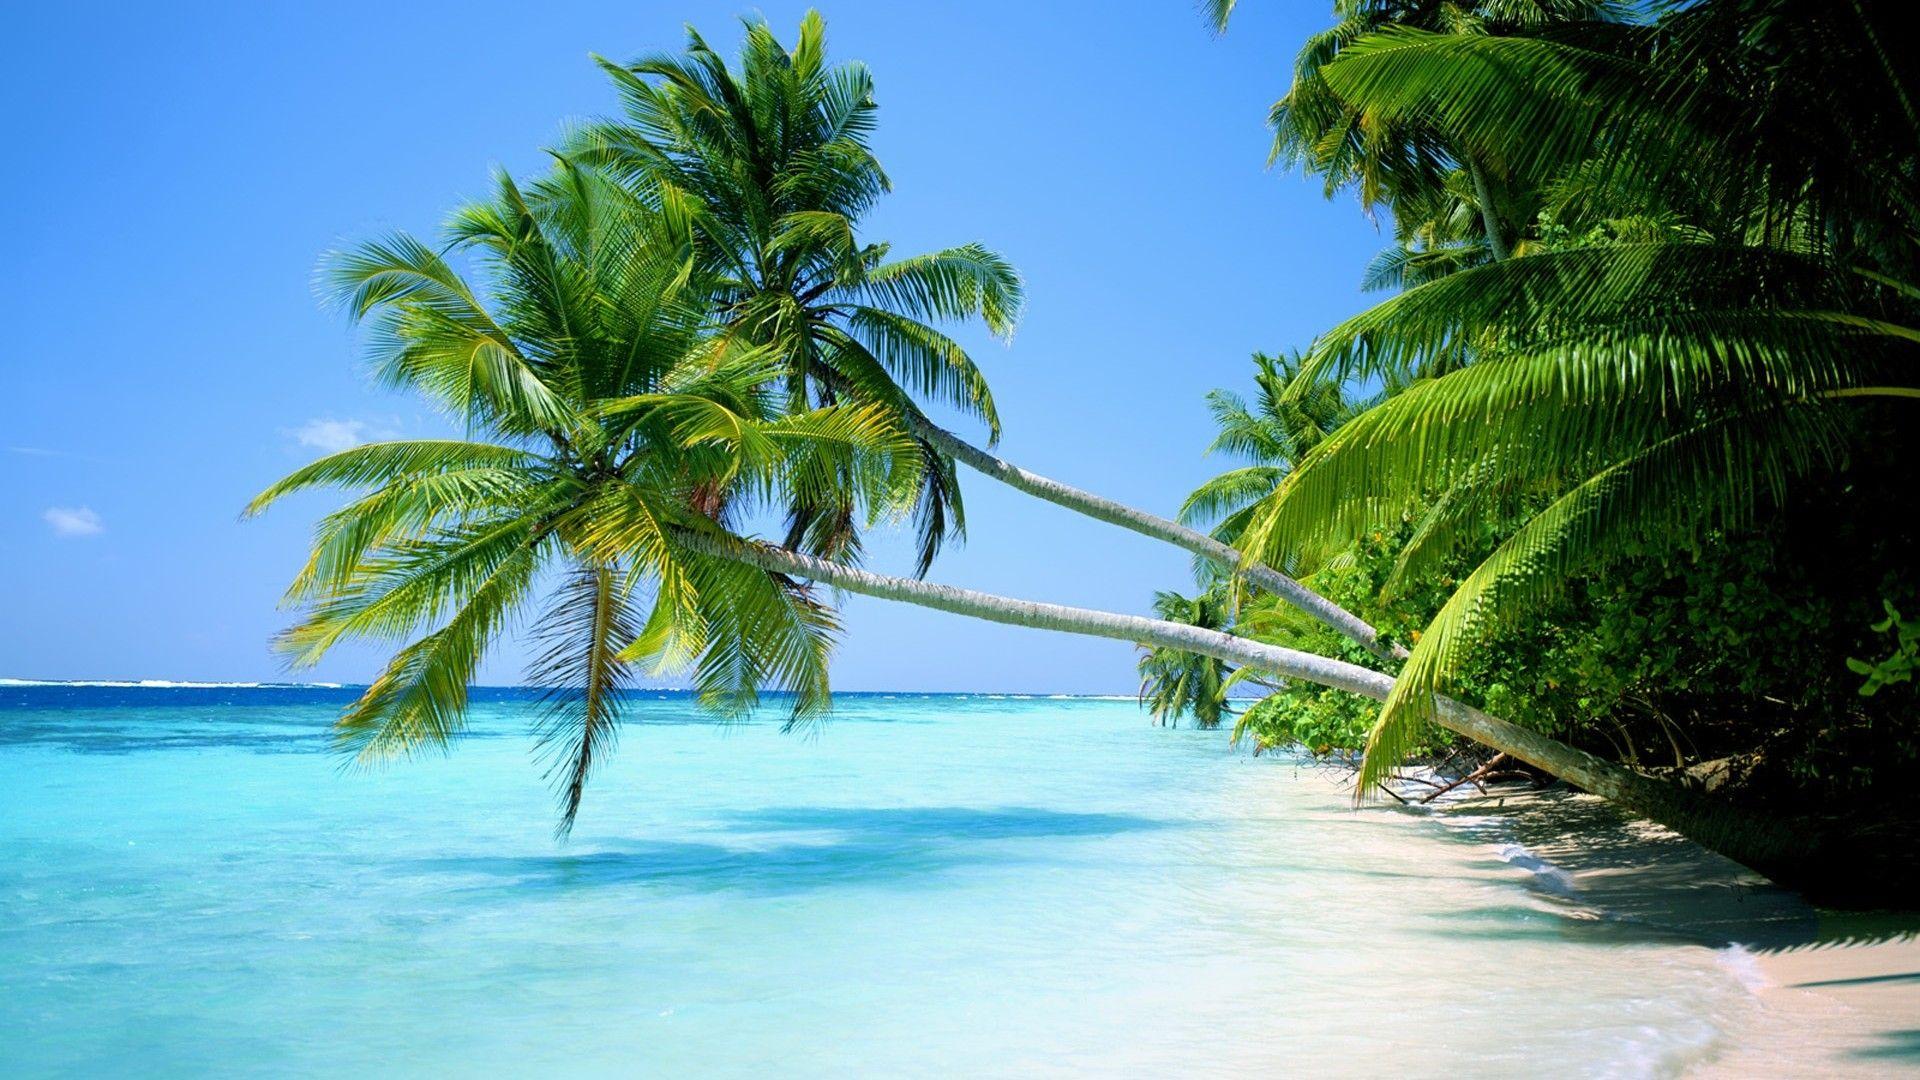 Océano paisajes playa árboles tropicales islas de palma